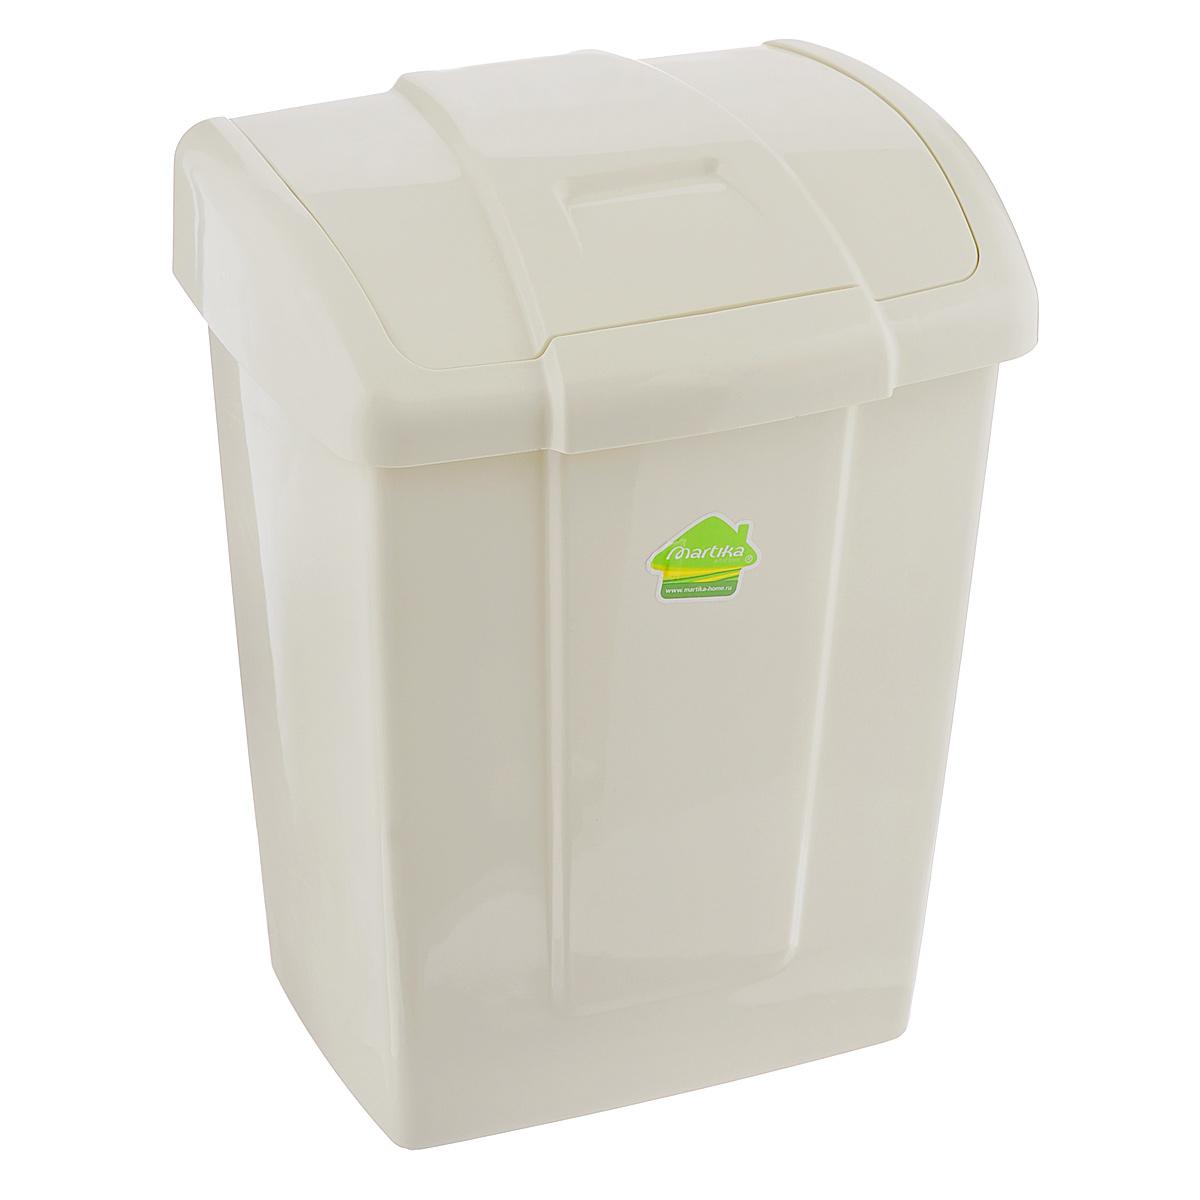 Контейнер для мусора Martika Форте, цвет: светло-бежевый, 9 лС340Контейнер для мусора Martika Форте изготовлен из прочного полипропилена (пластика). Такой аксессуар очень удобен в использовании как дома, так и в офисе. Контейнер снабжен удобной поворачивающейся крышкой. Стильный дизайн сделает его прекрасным украшением интерьера.